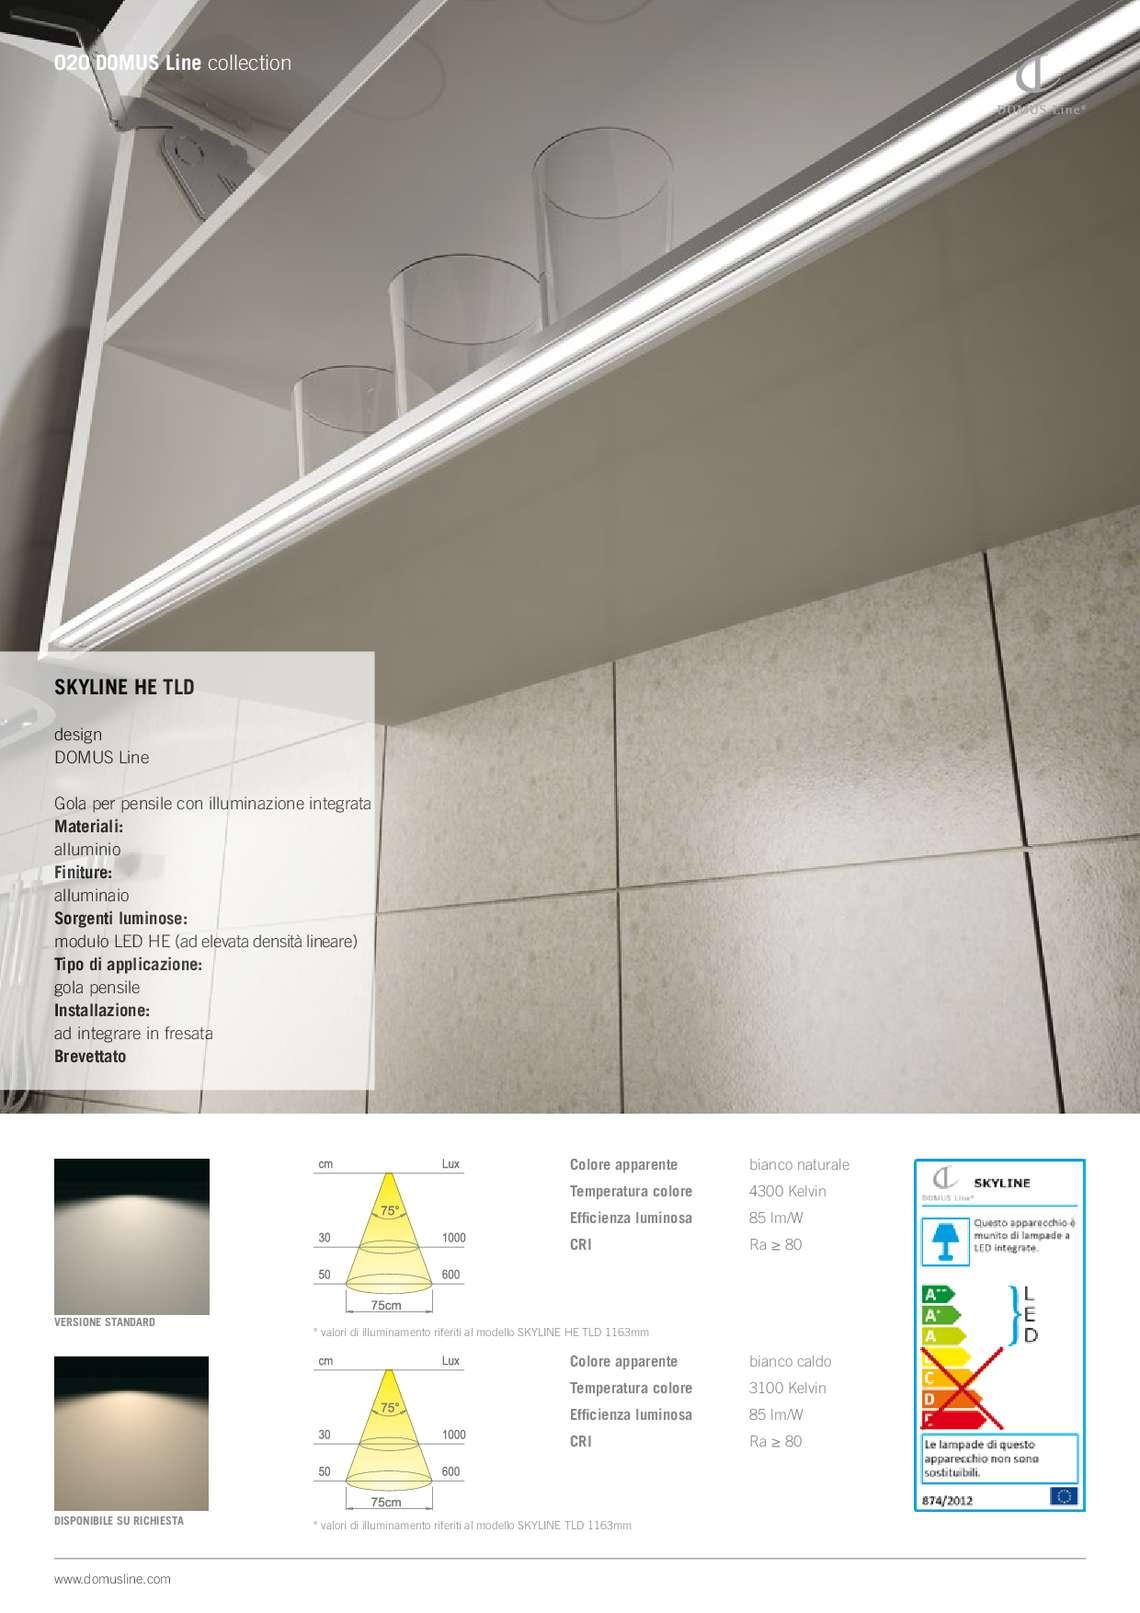 Catalogo domus line illuminazione di domus line s r l illuminazione a led per mobili - Illuminazione a led per mobili ...